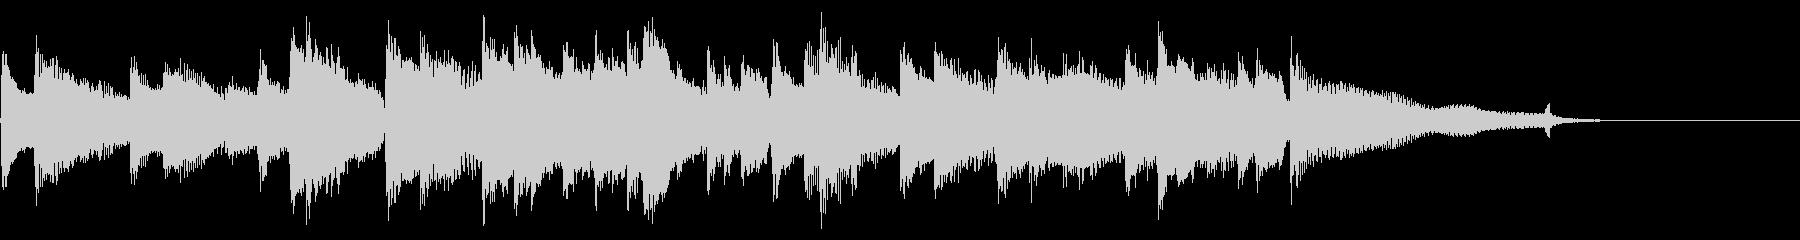 CM15秒、感動的なアコギとピアノ、日常の未再生の波形